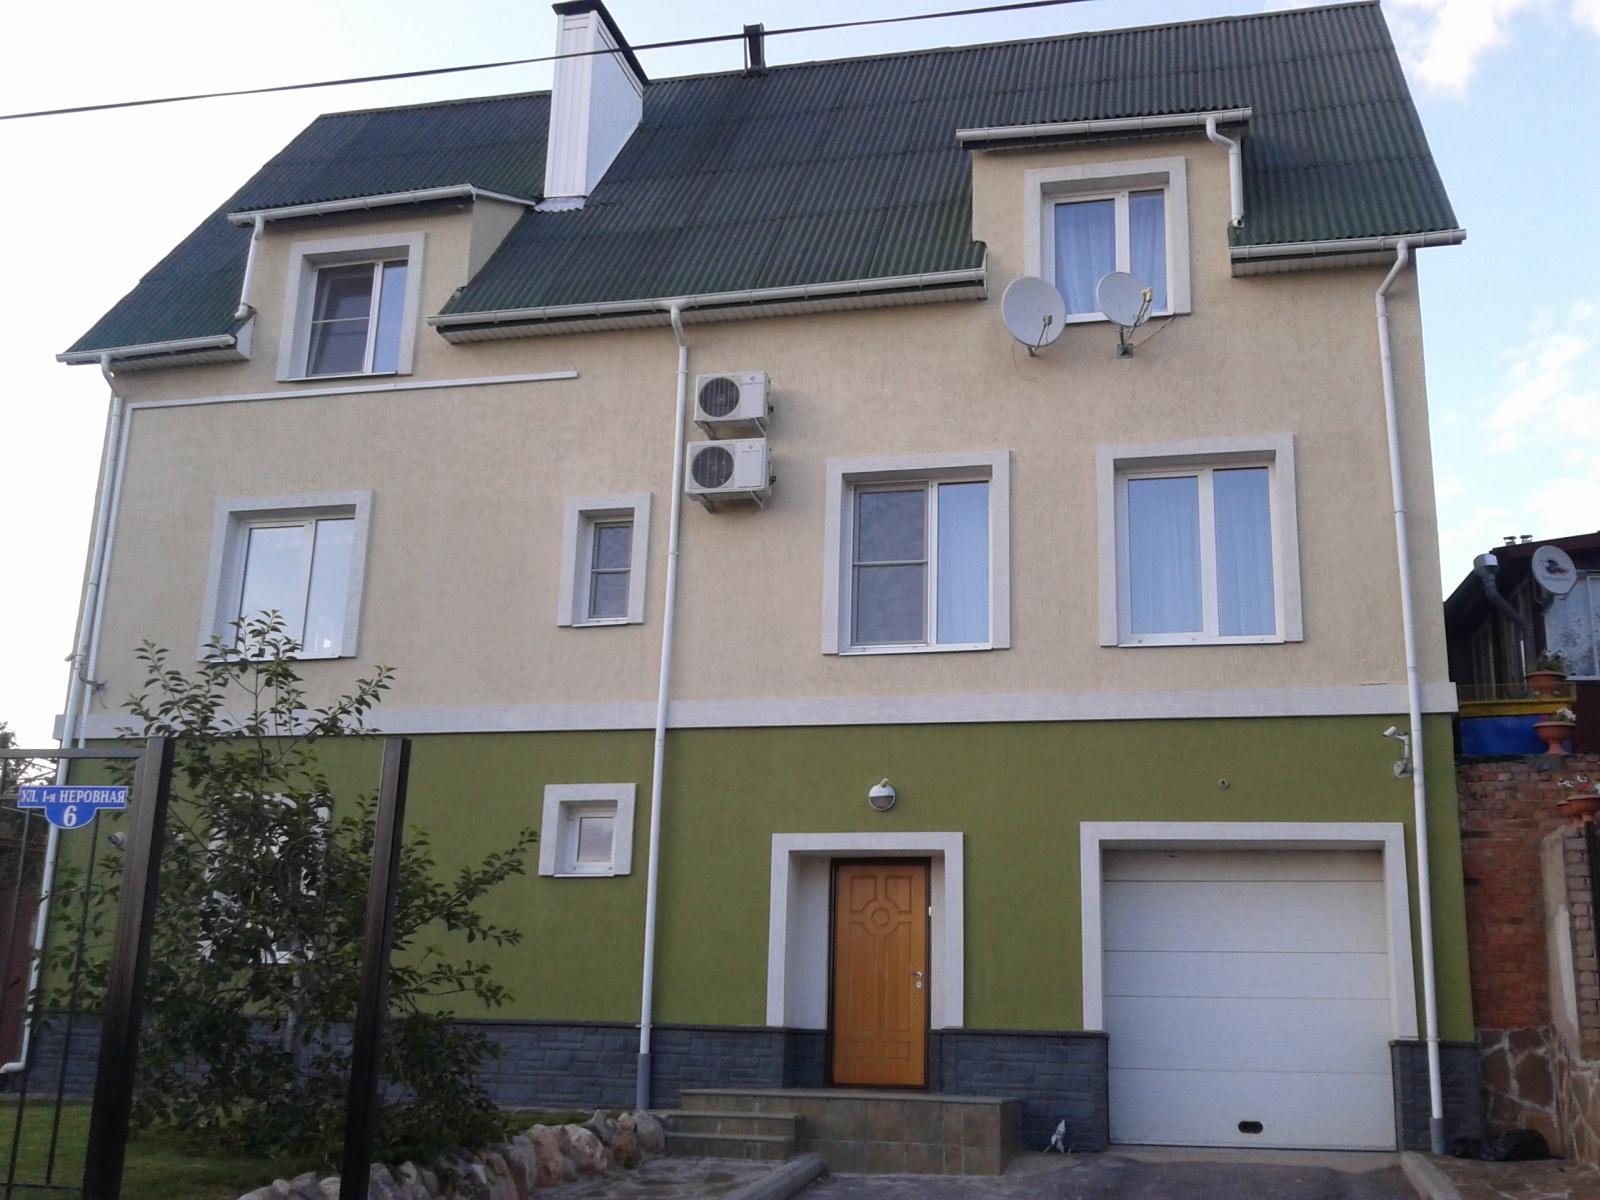 Фасады домов из пеноблоков фото